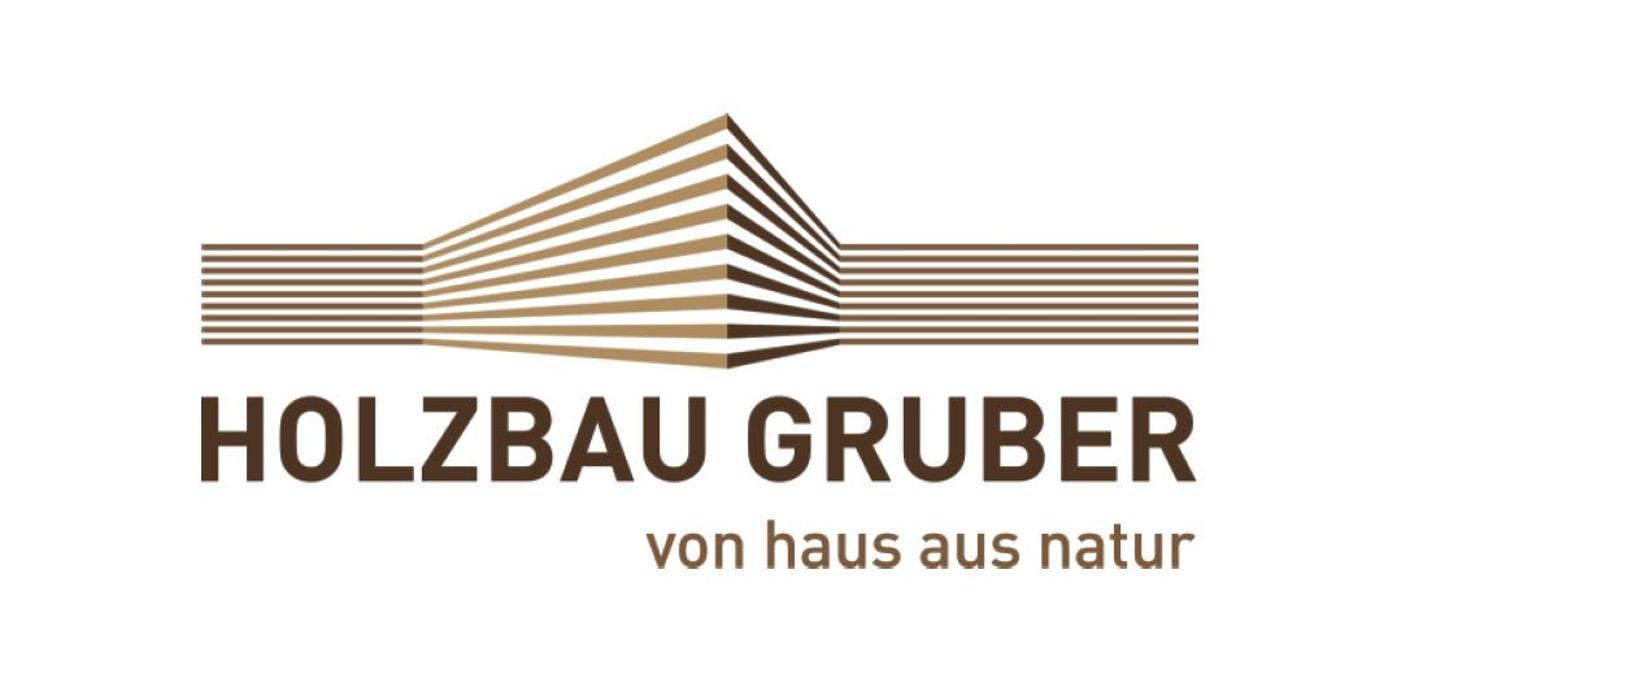 Holzbau Gruber holzbau gruber kirchweidach haid 10 öffnungszeiten angebote